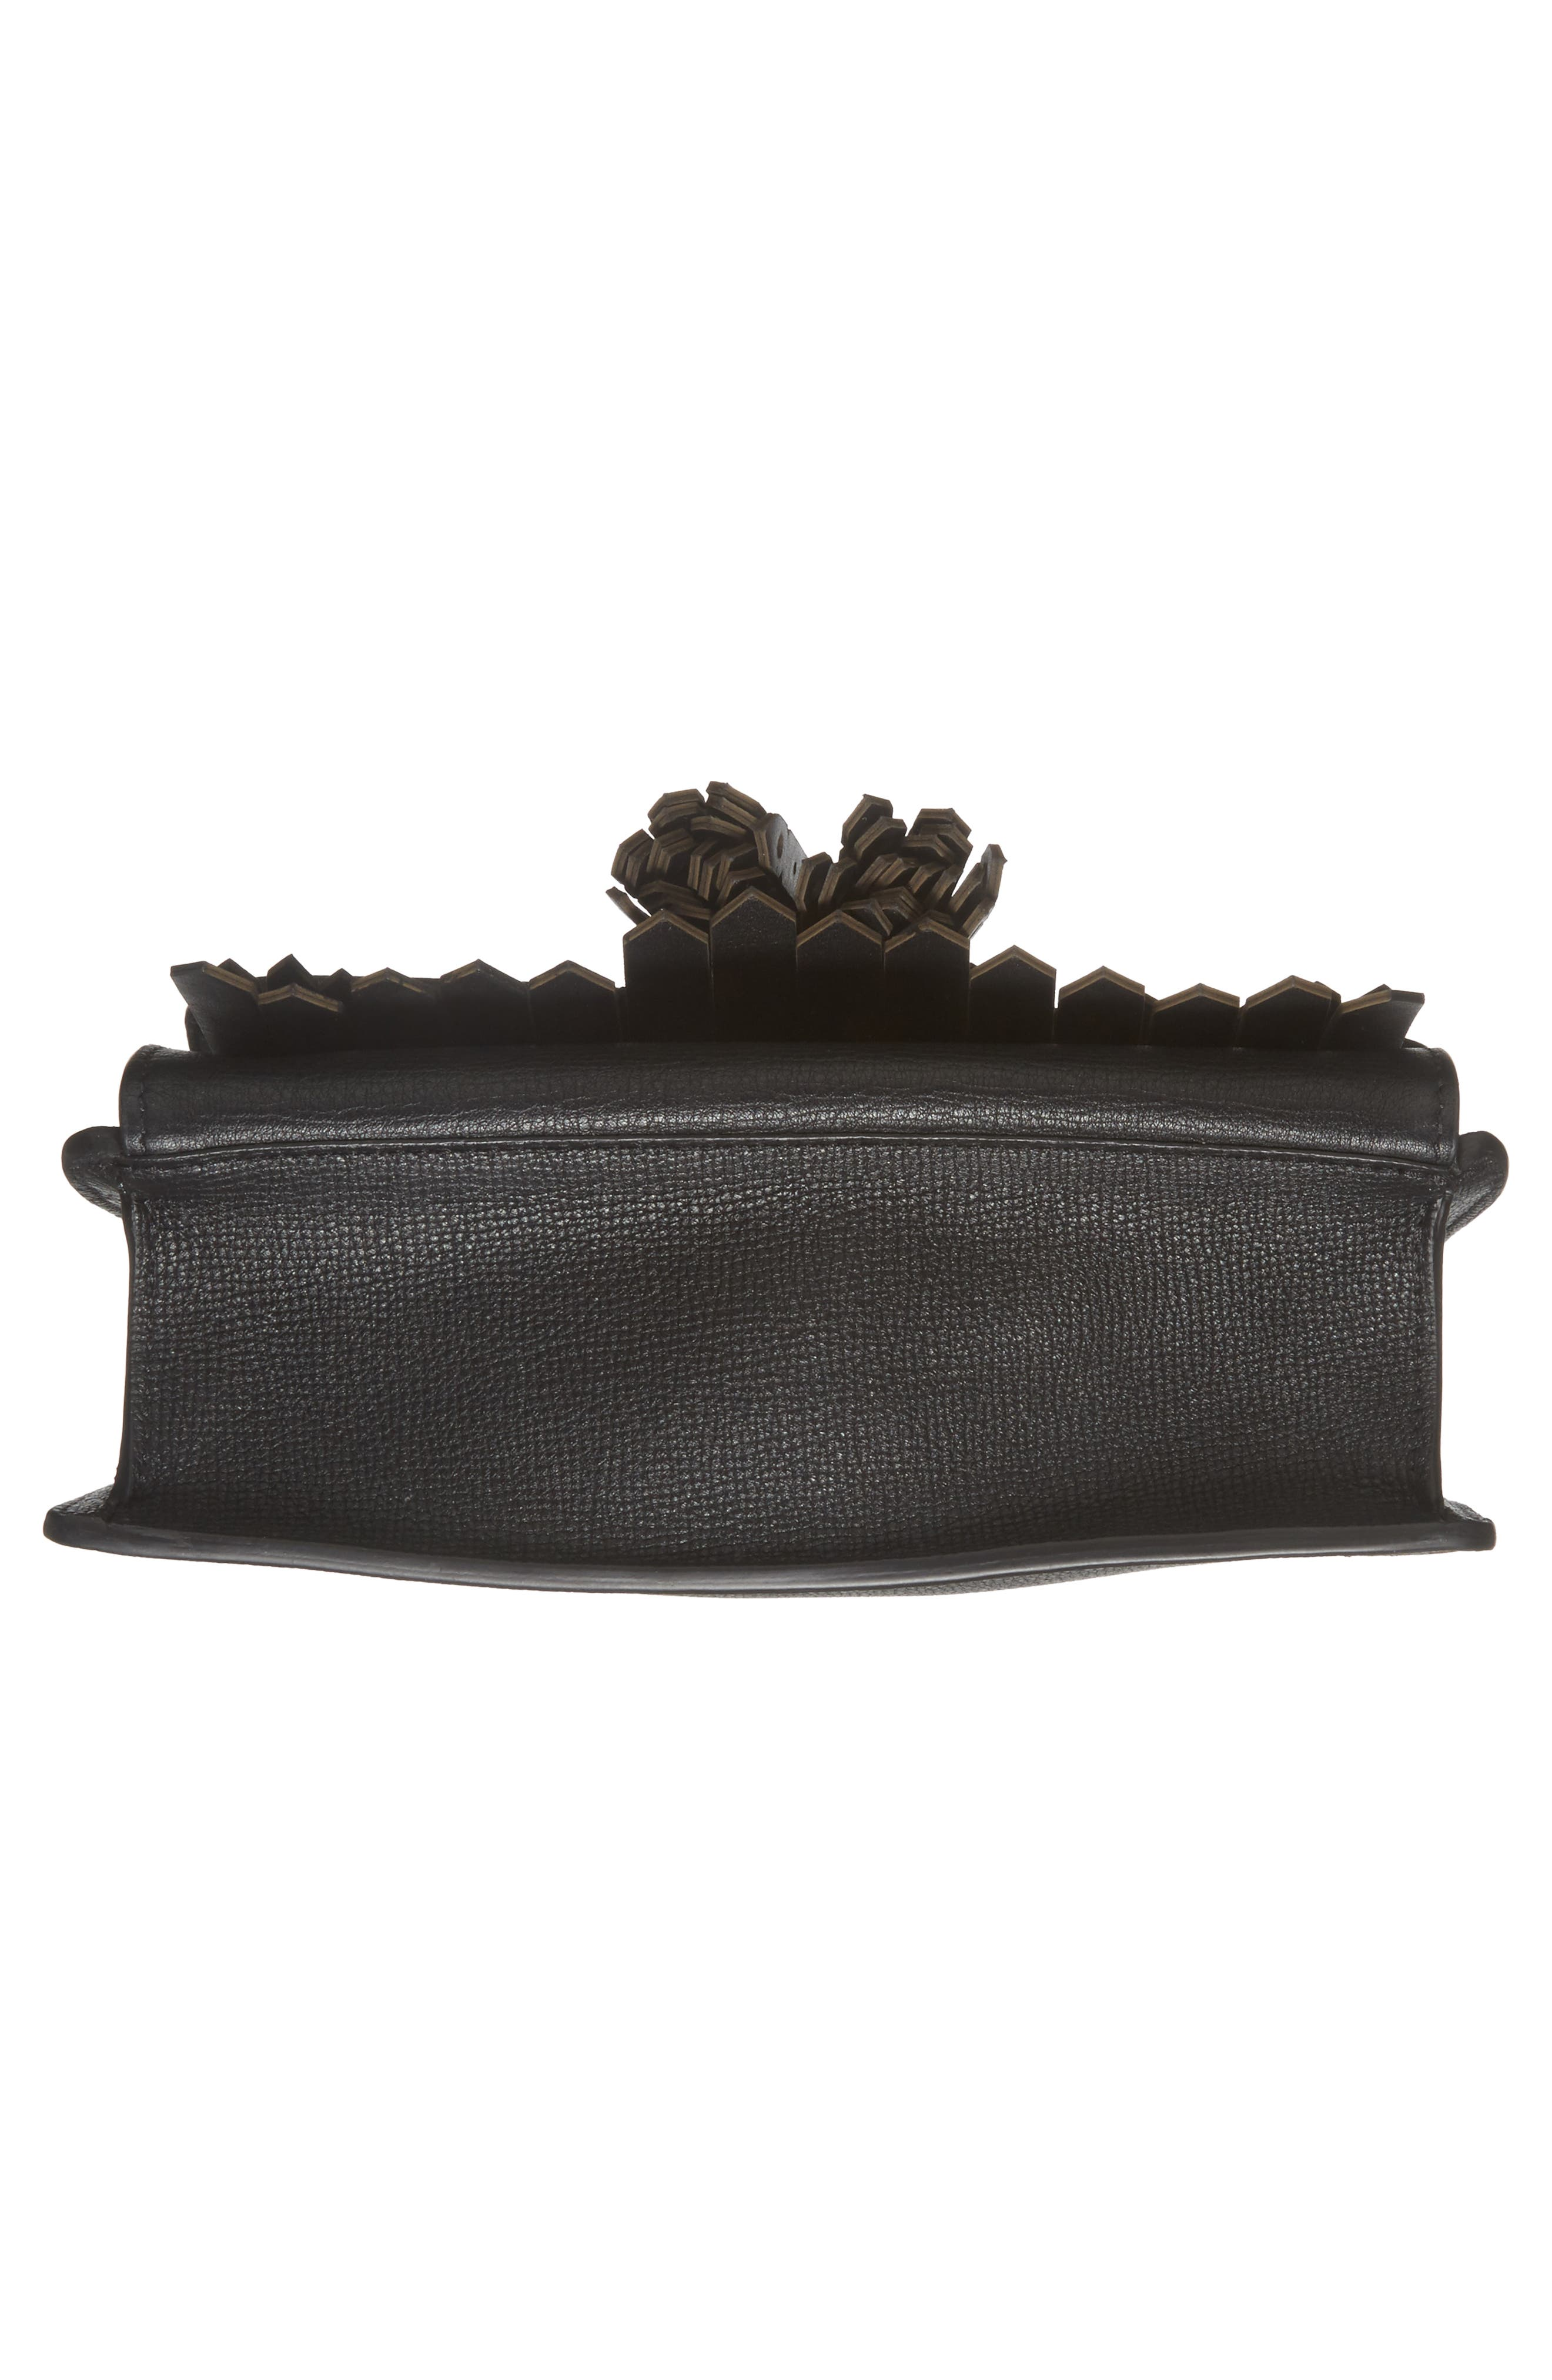 Macken Fringe Leather Crossbody Bag,                             Alternate thumbnail 6, color,                             Black